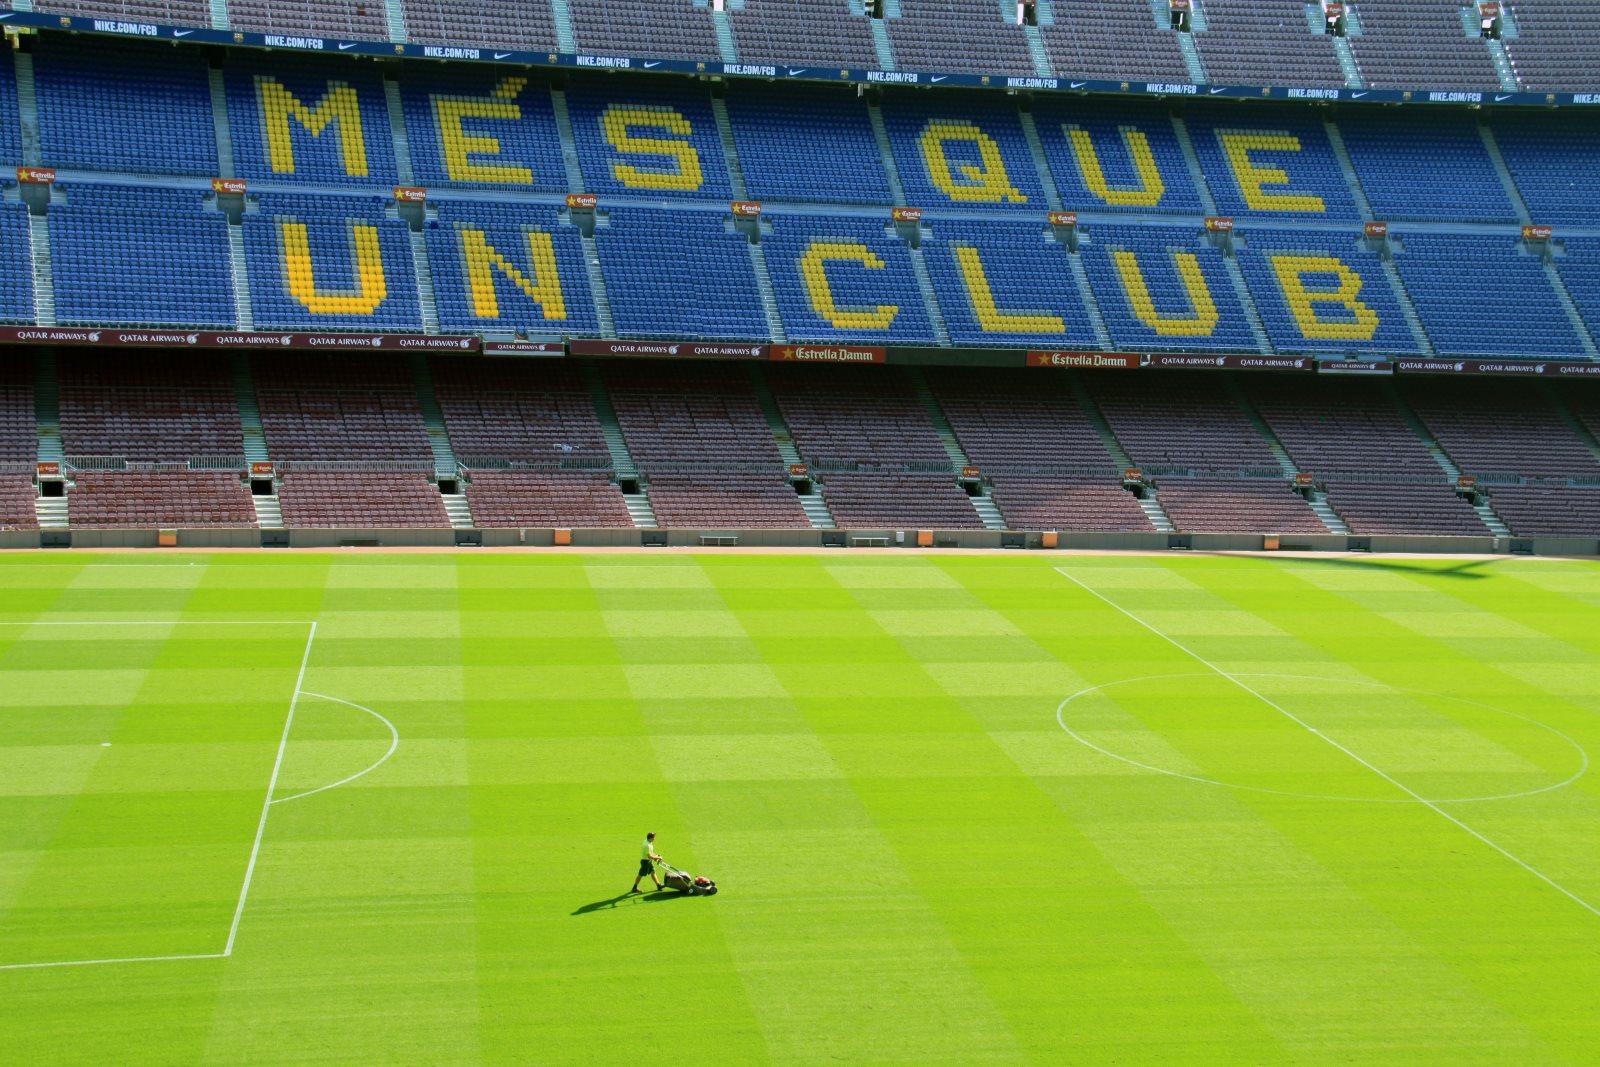 Piłka nożna: 6 ciekawostek o FC Barcelona, o których nie miałeś pojęcia